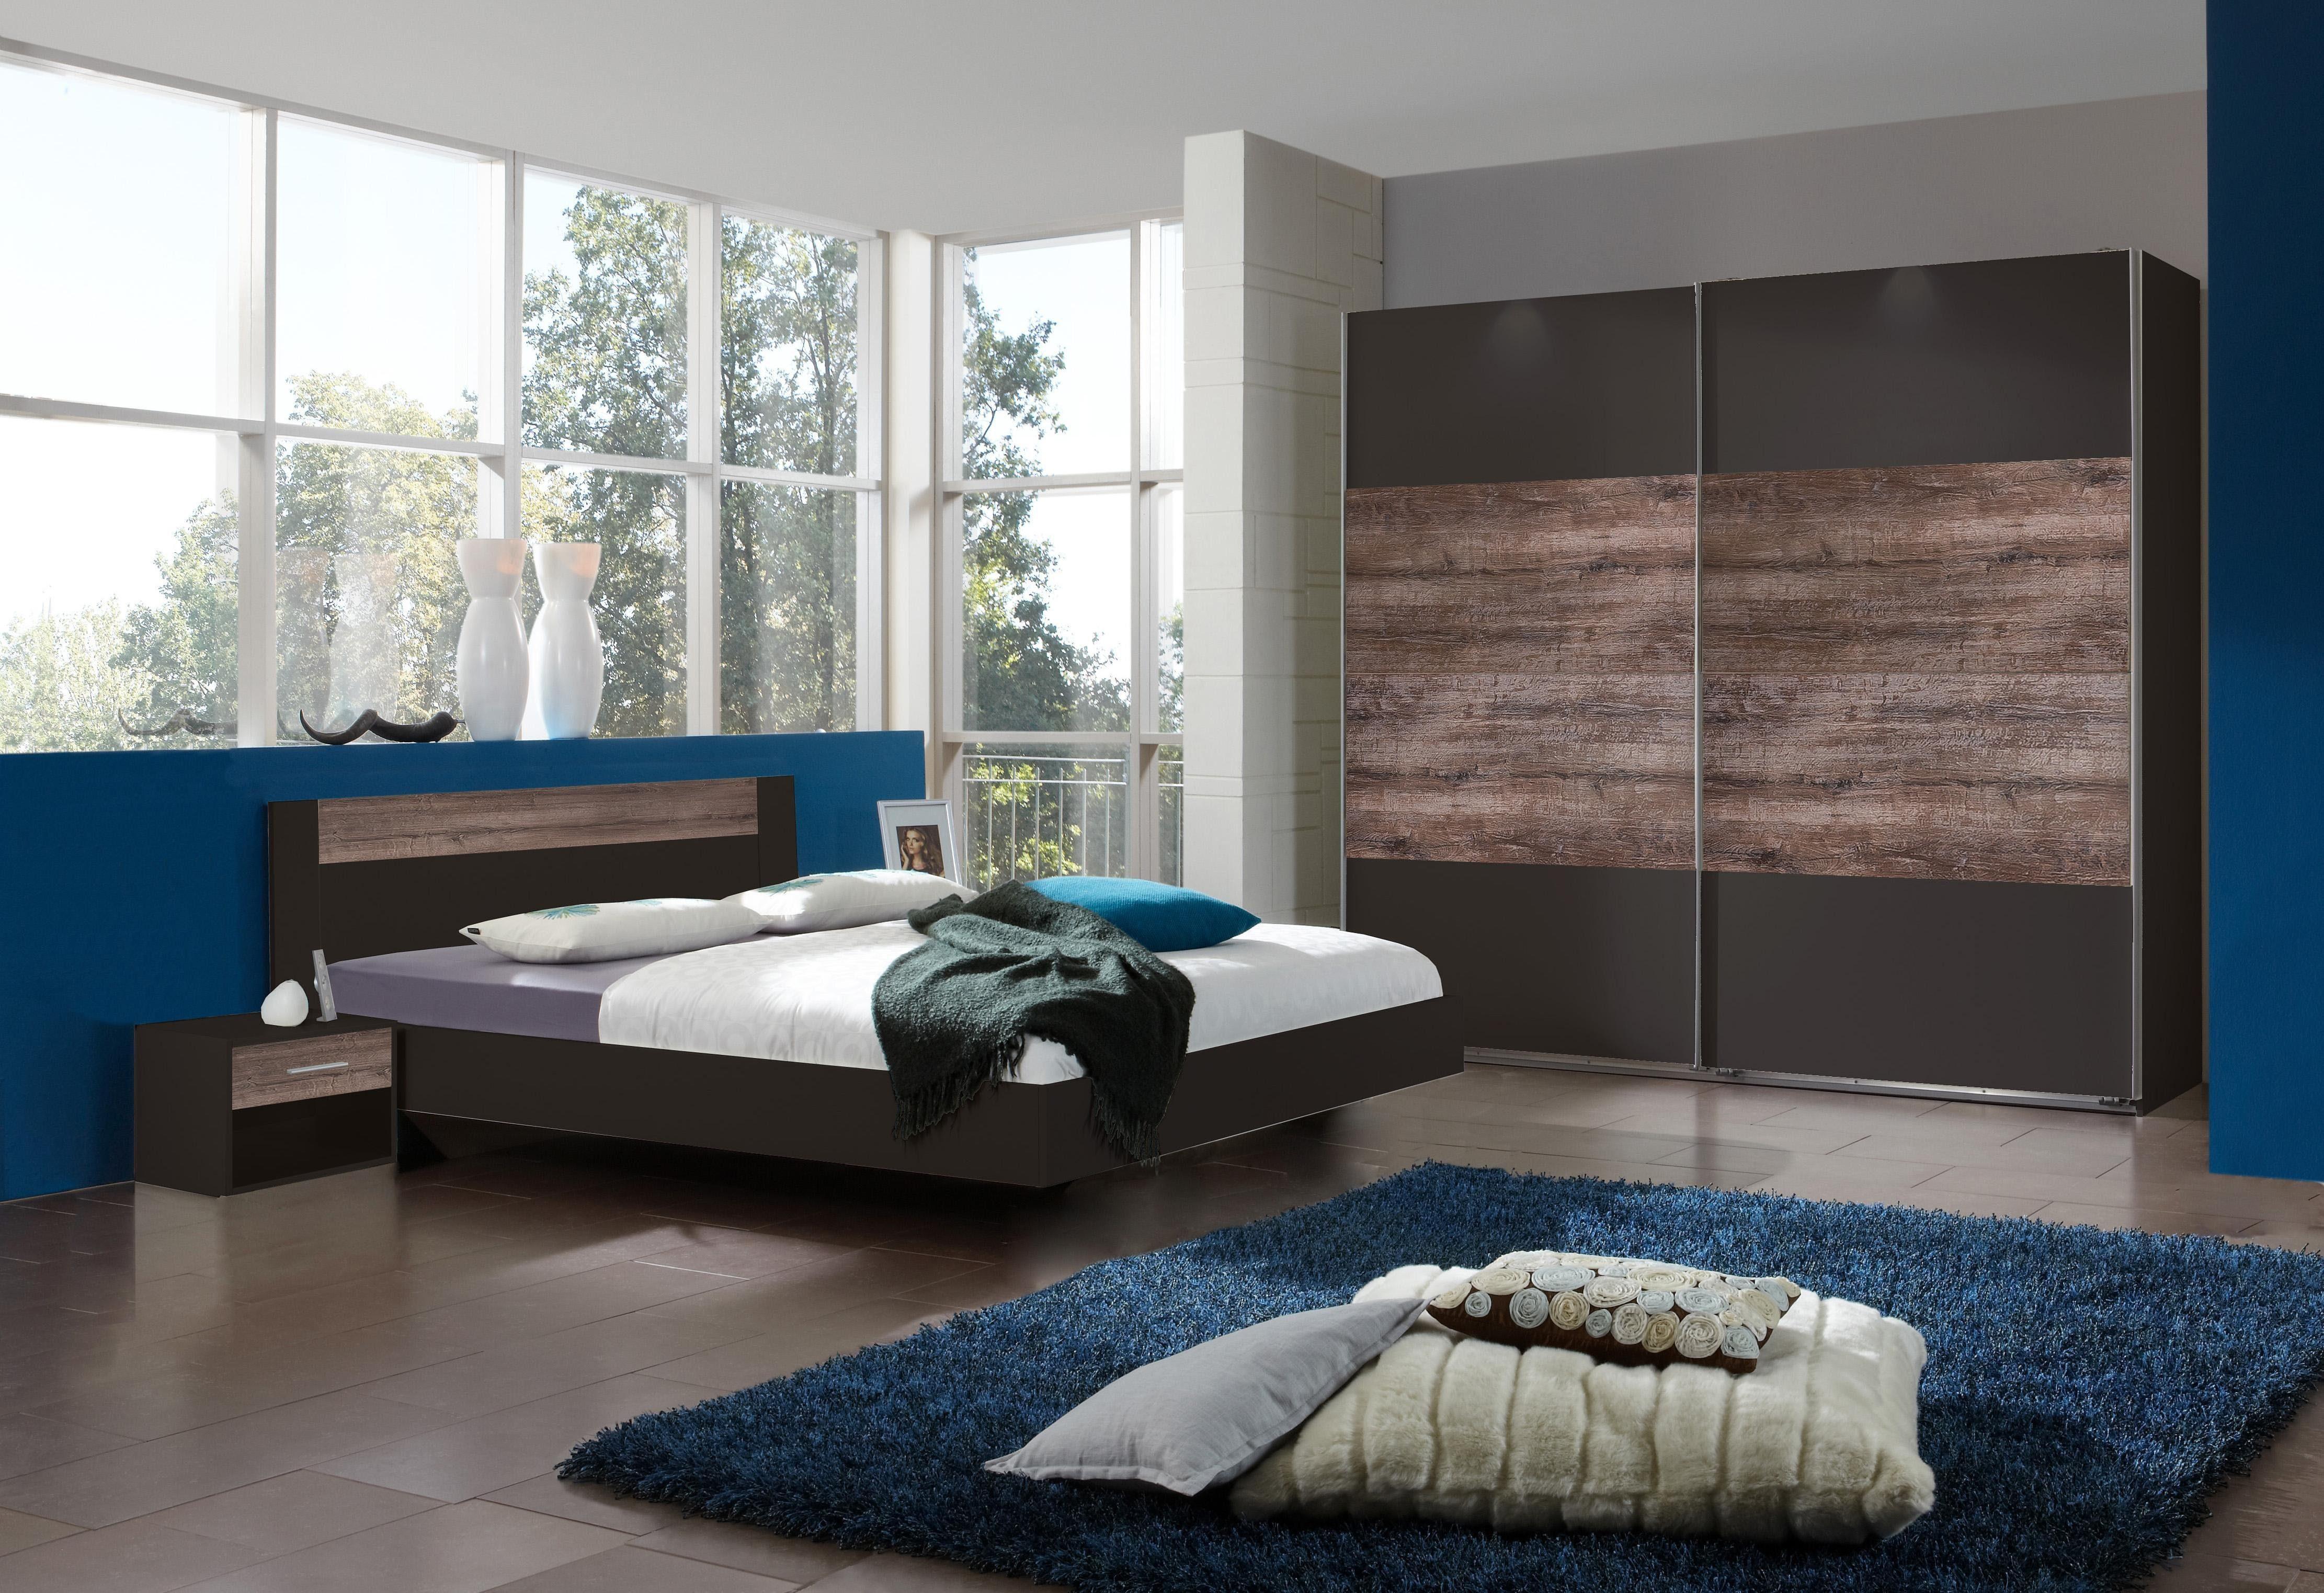 Schlafzimmer Set Mit Aufbauservice | 13 Einzigartig Flurkommode ...